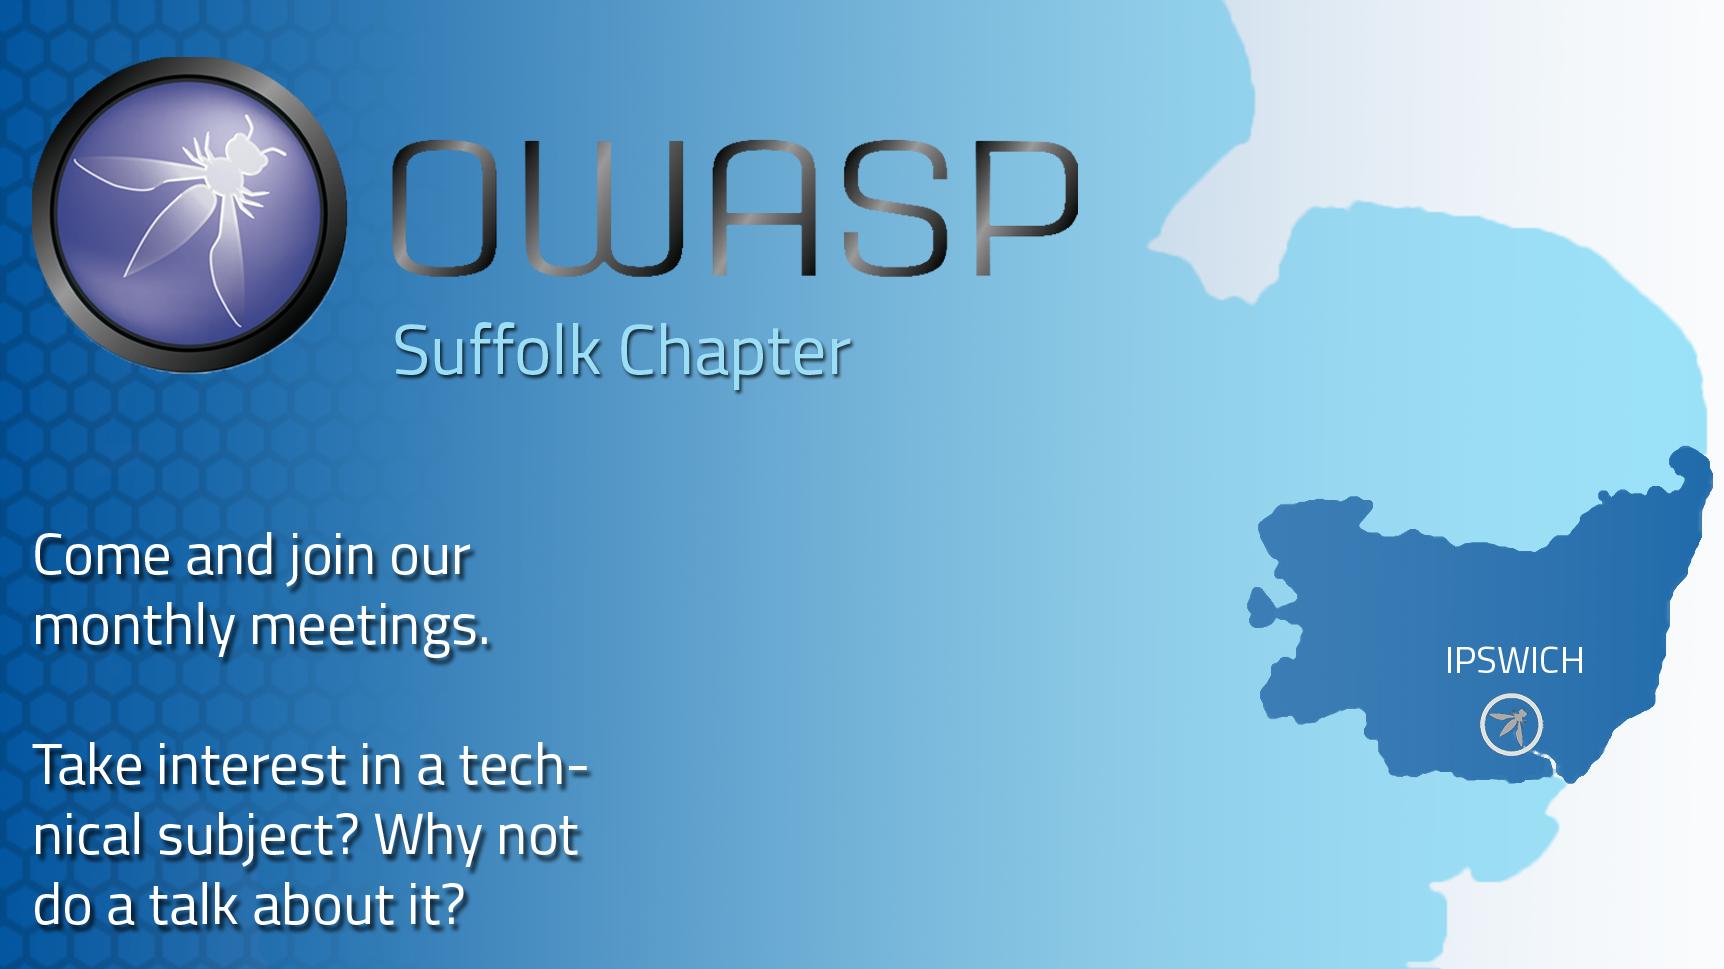 OWASP Suffolk Chapter